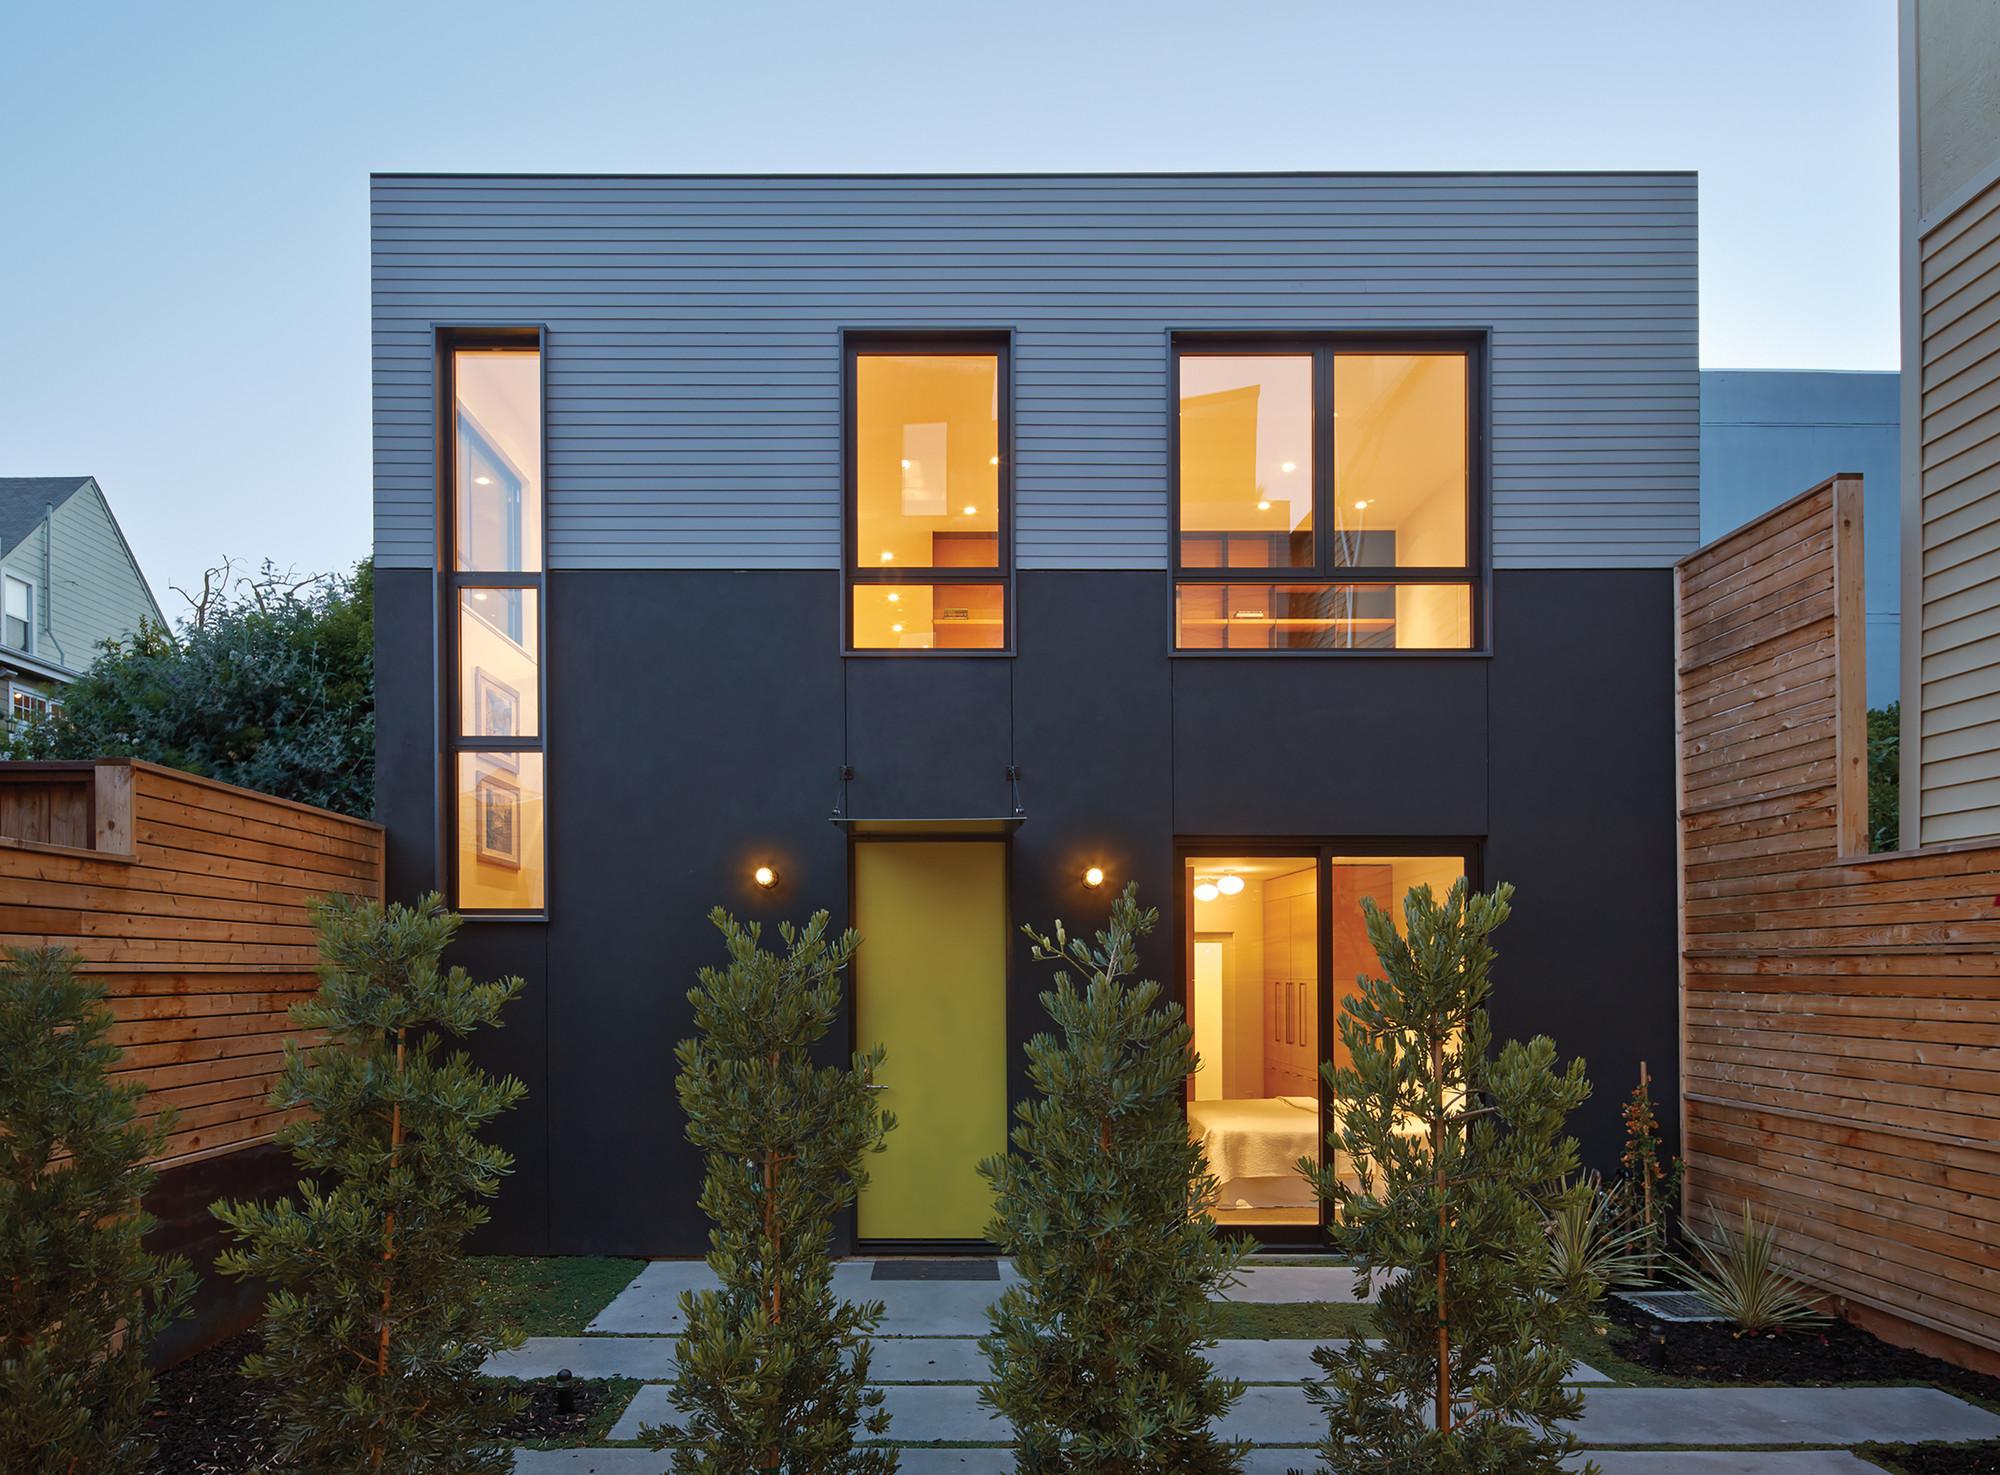 Steelhouse 1 y 2 / Zack | de Vito Architecture, © Bruce Damonte